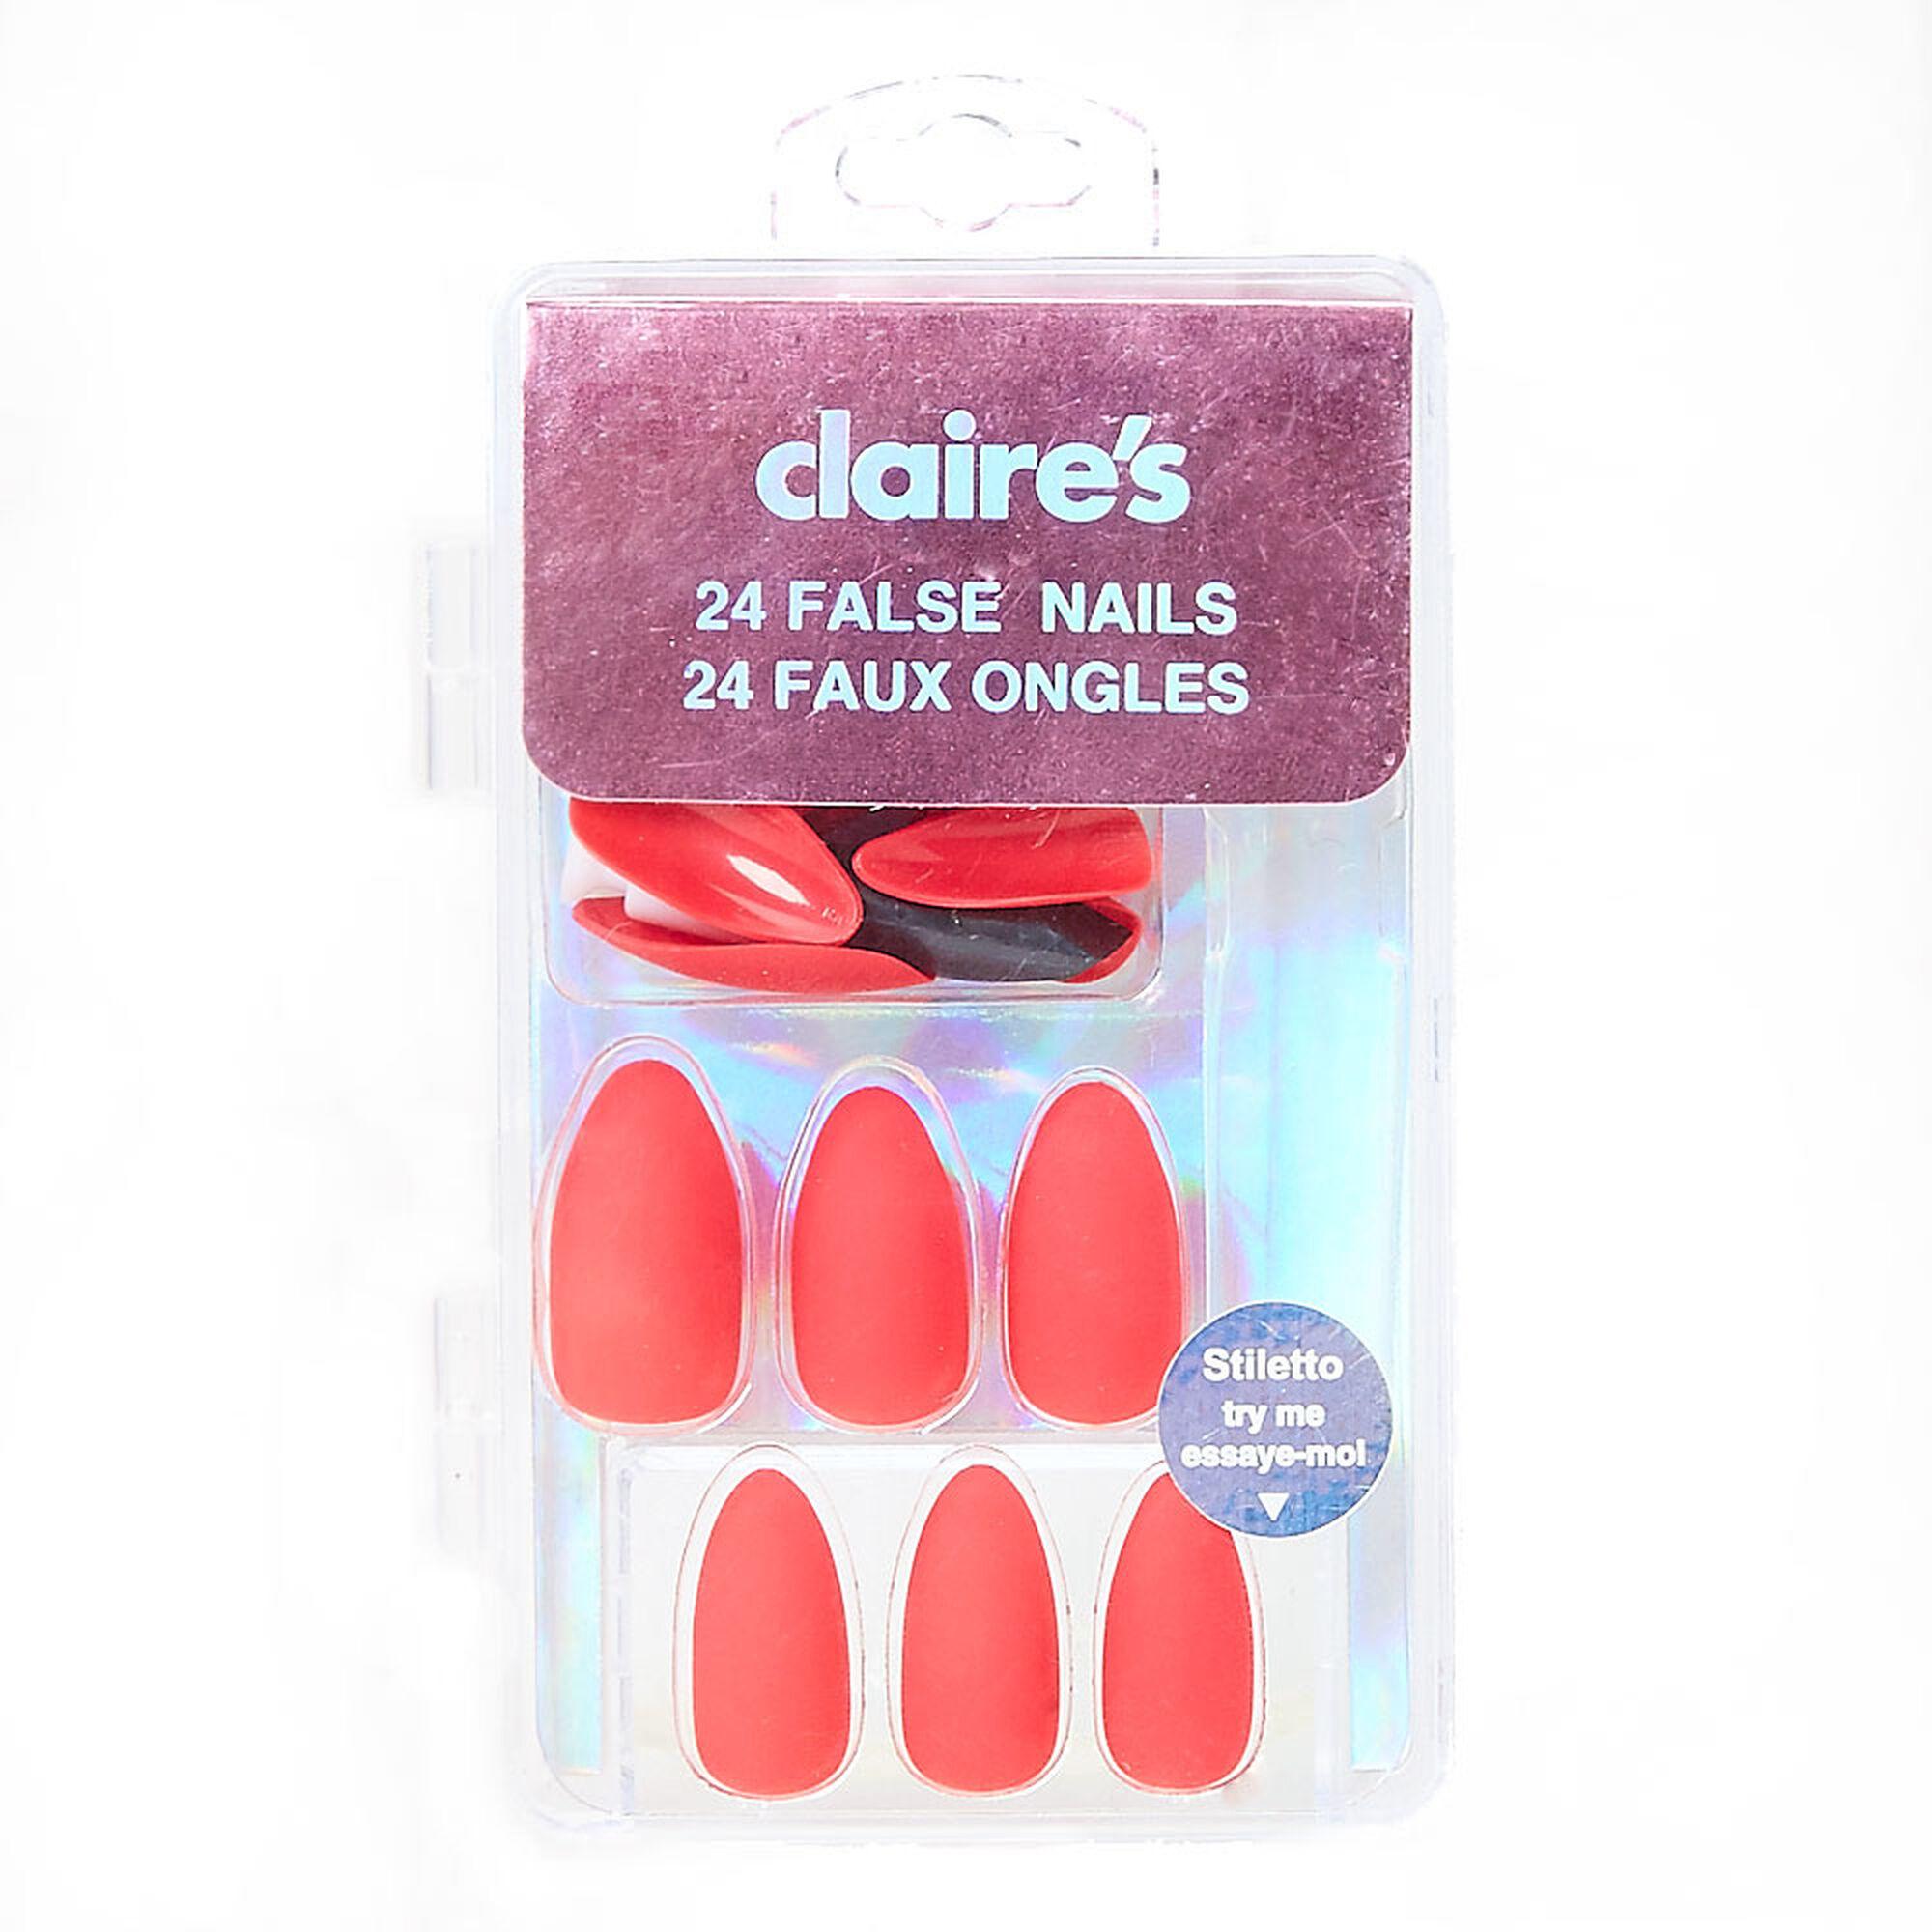 faux ongles talon aiguille rouge mat claire 39 s fr. Black Bedroom Furniture Sets. Home Design Ideas